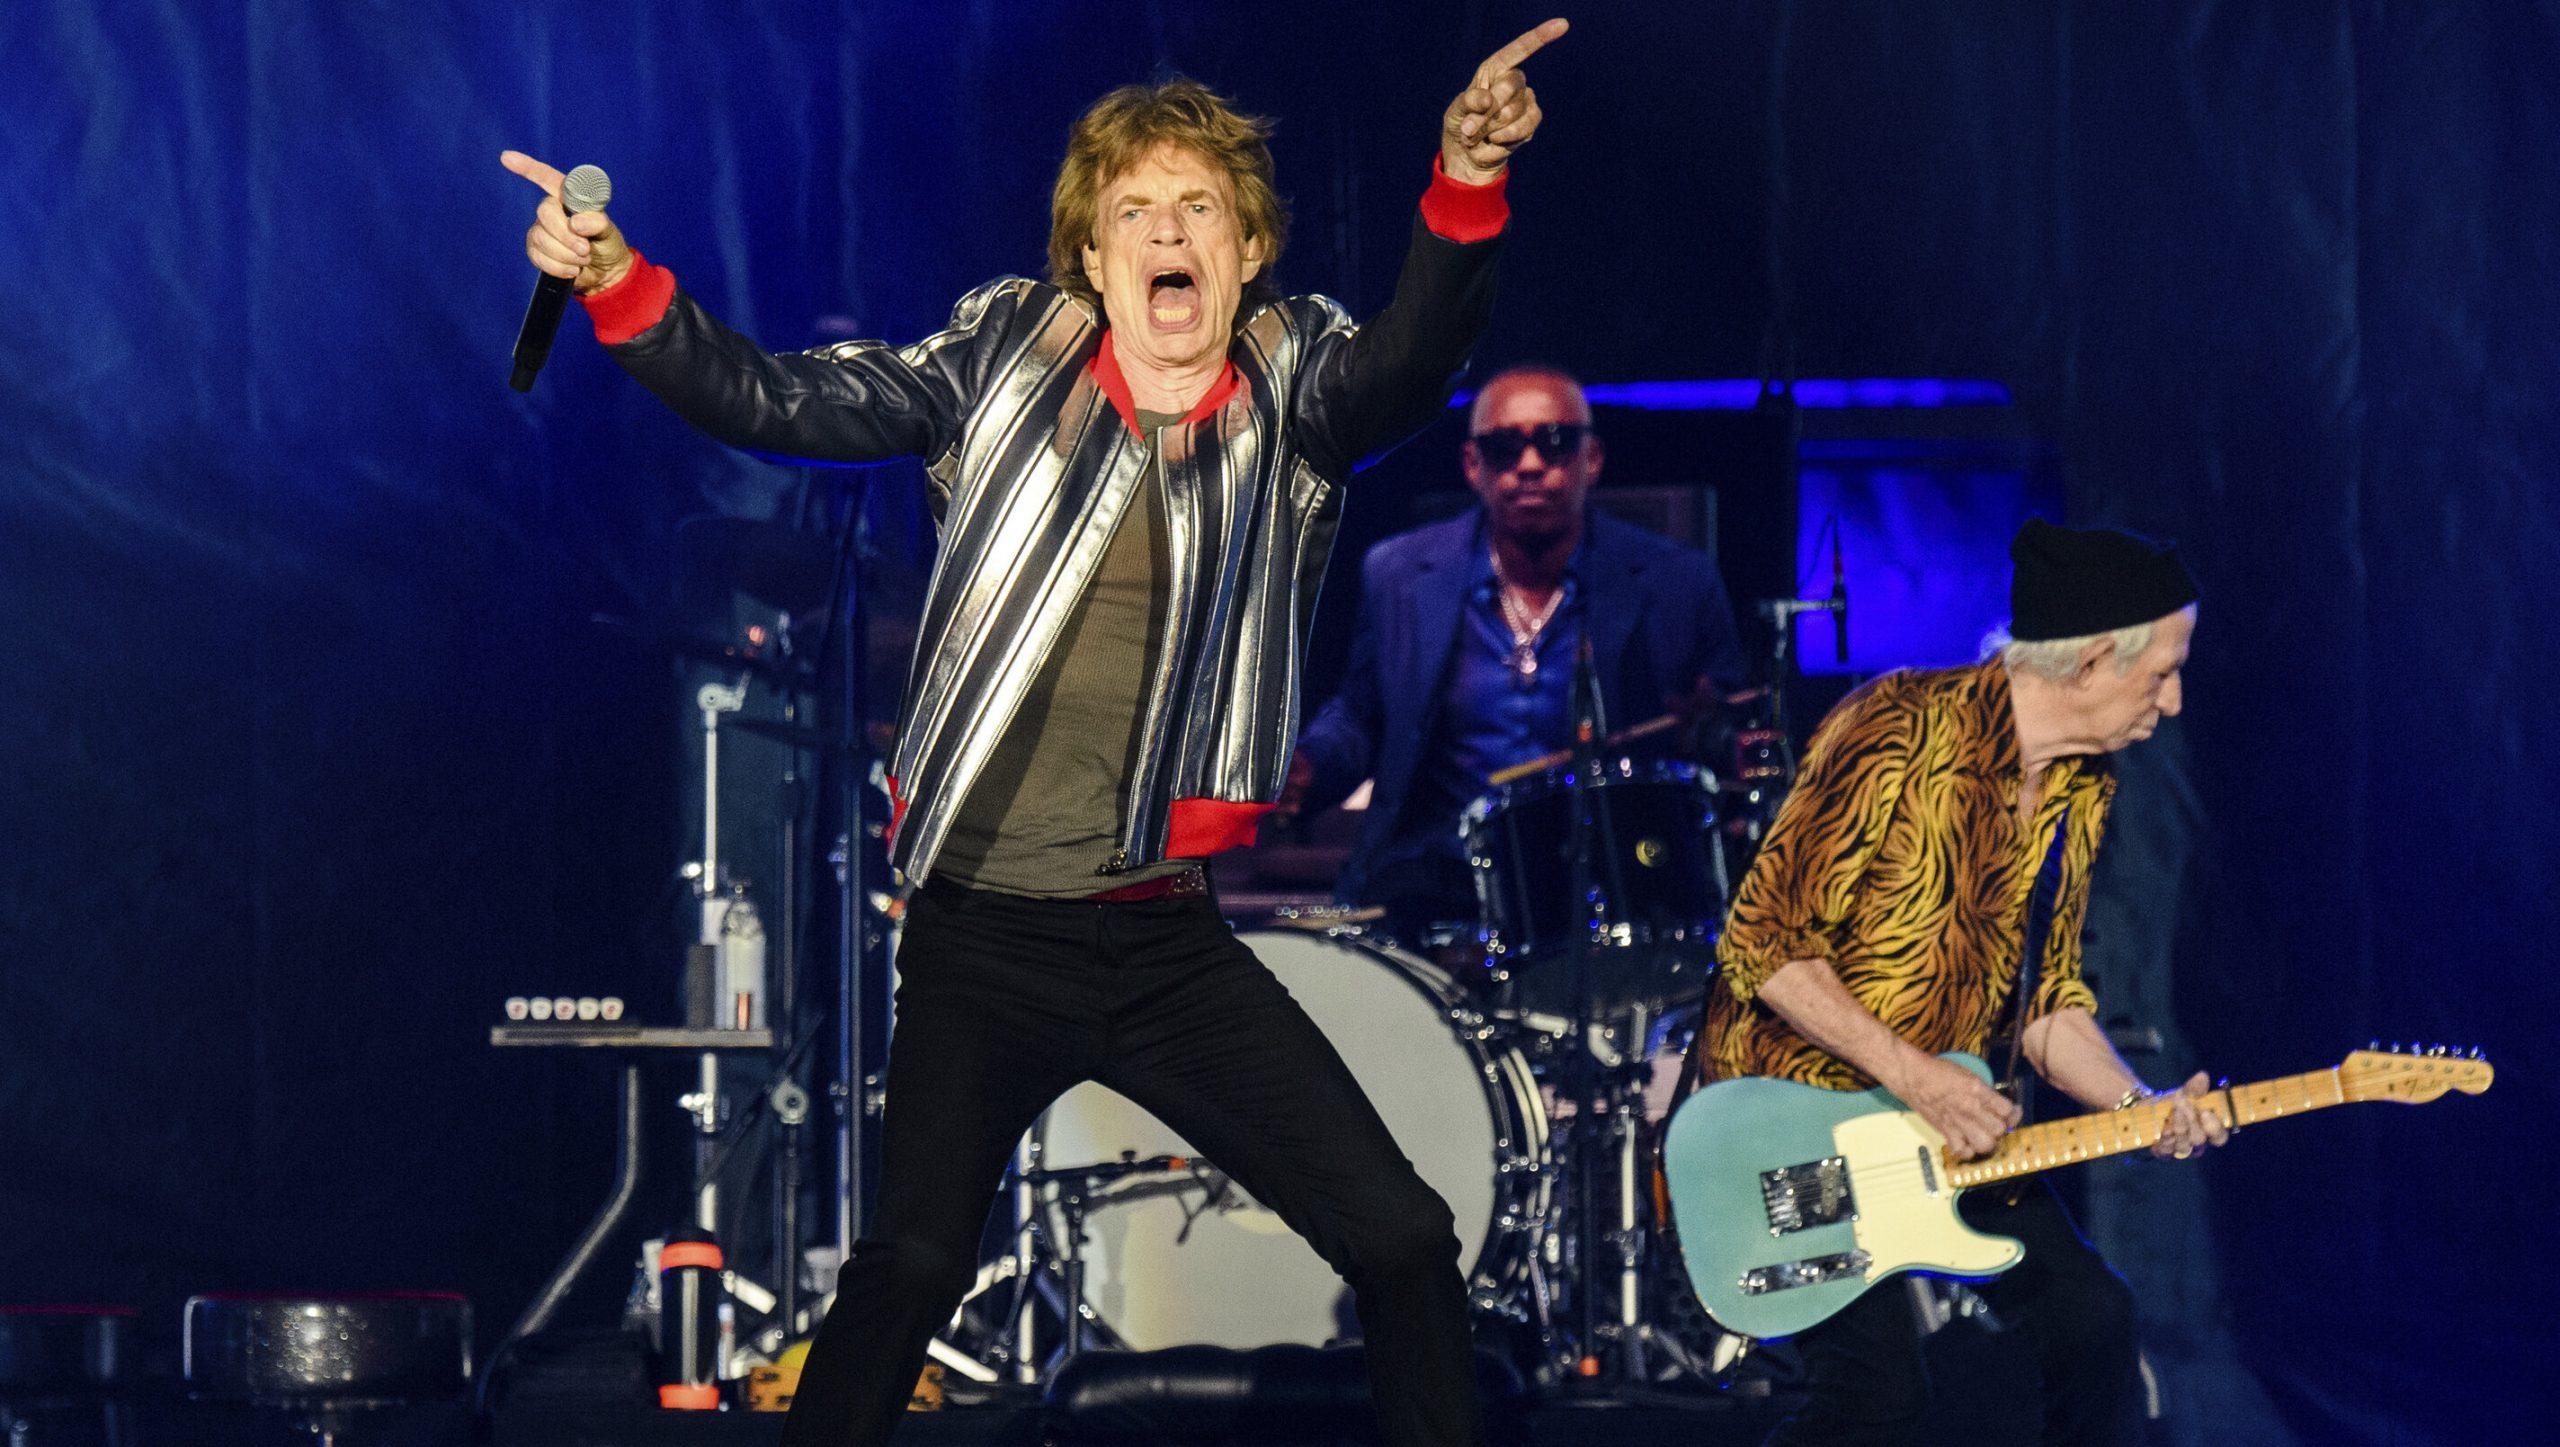 Rolling Stones refuză să mai cânte piesa Brown Sugar în concerte, din cauza versurilor referitoare la sclavie